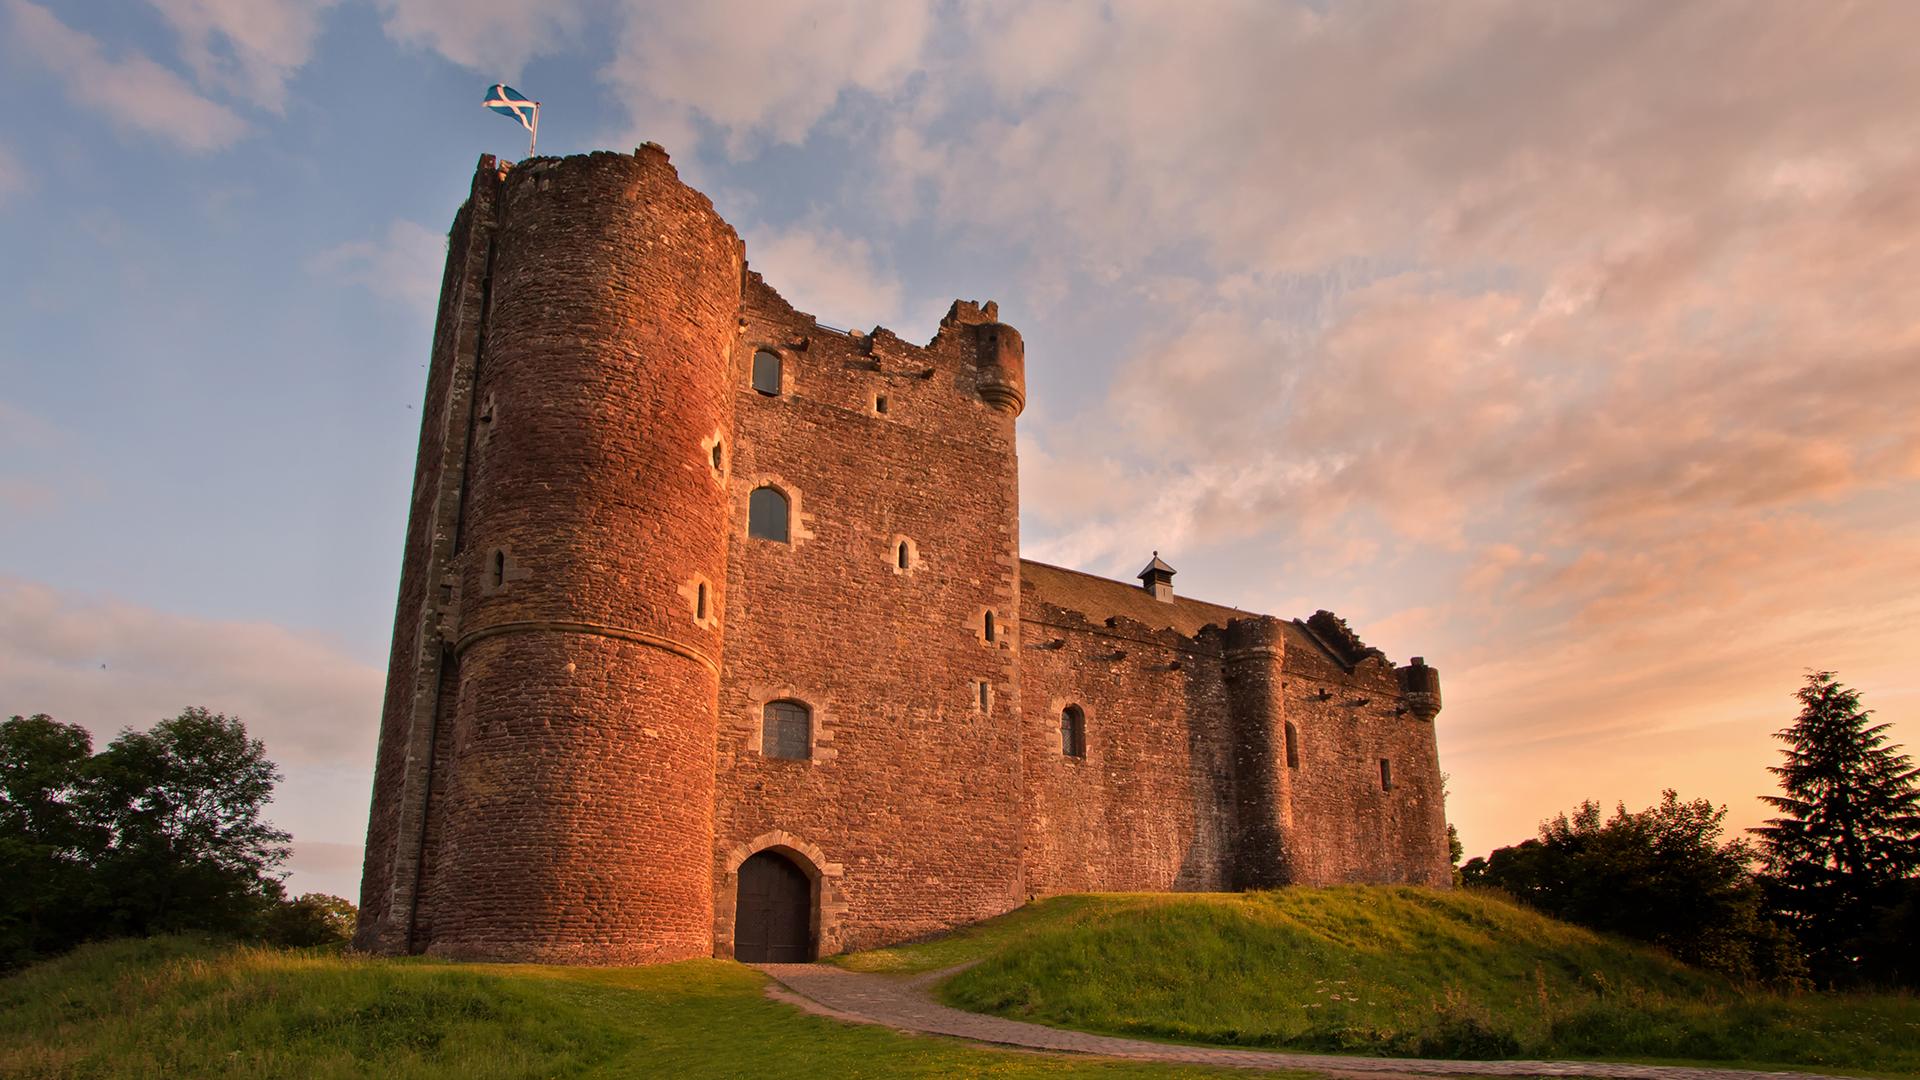 Para recordar este Castillo Doune hay que volver a la primera versión de Winterfell, cuando todos los Starks estaban vivos y existía la promesa de la paz. El edificio está situado en Stirlingshire, Escocia